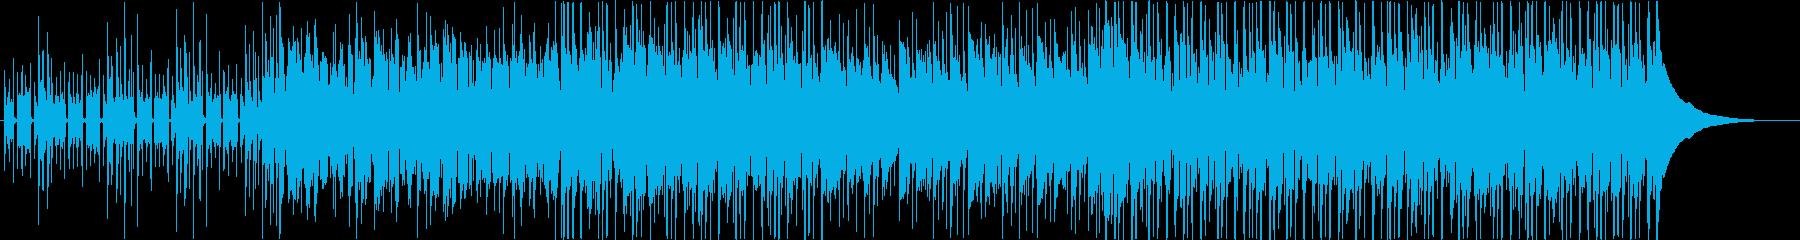 ギター/パーカッション/夏っぽい陽気な曲の再生済みの波形